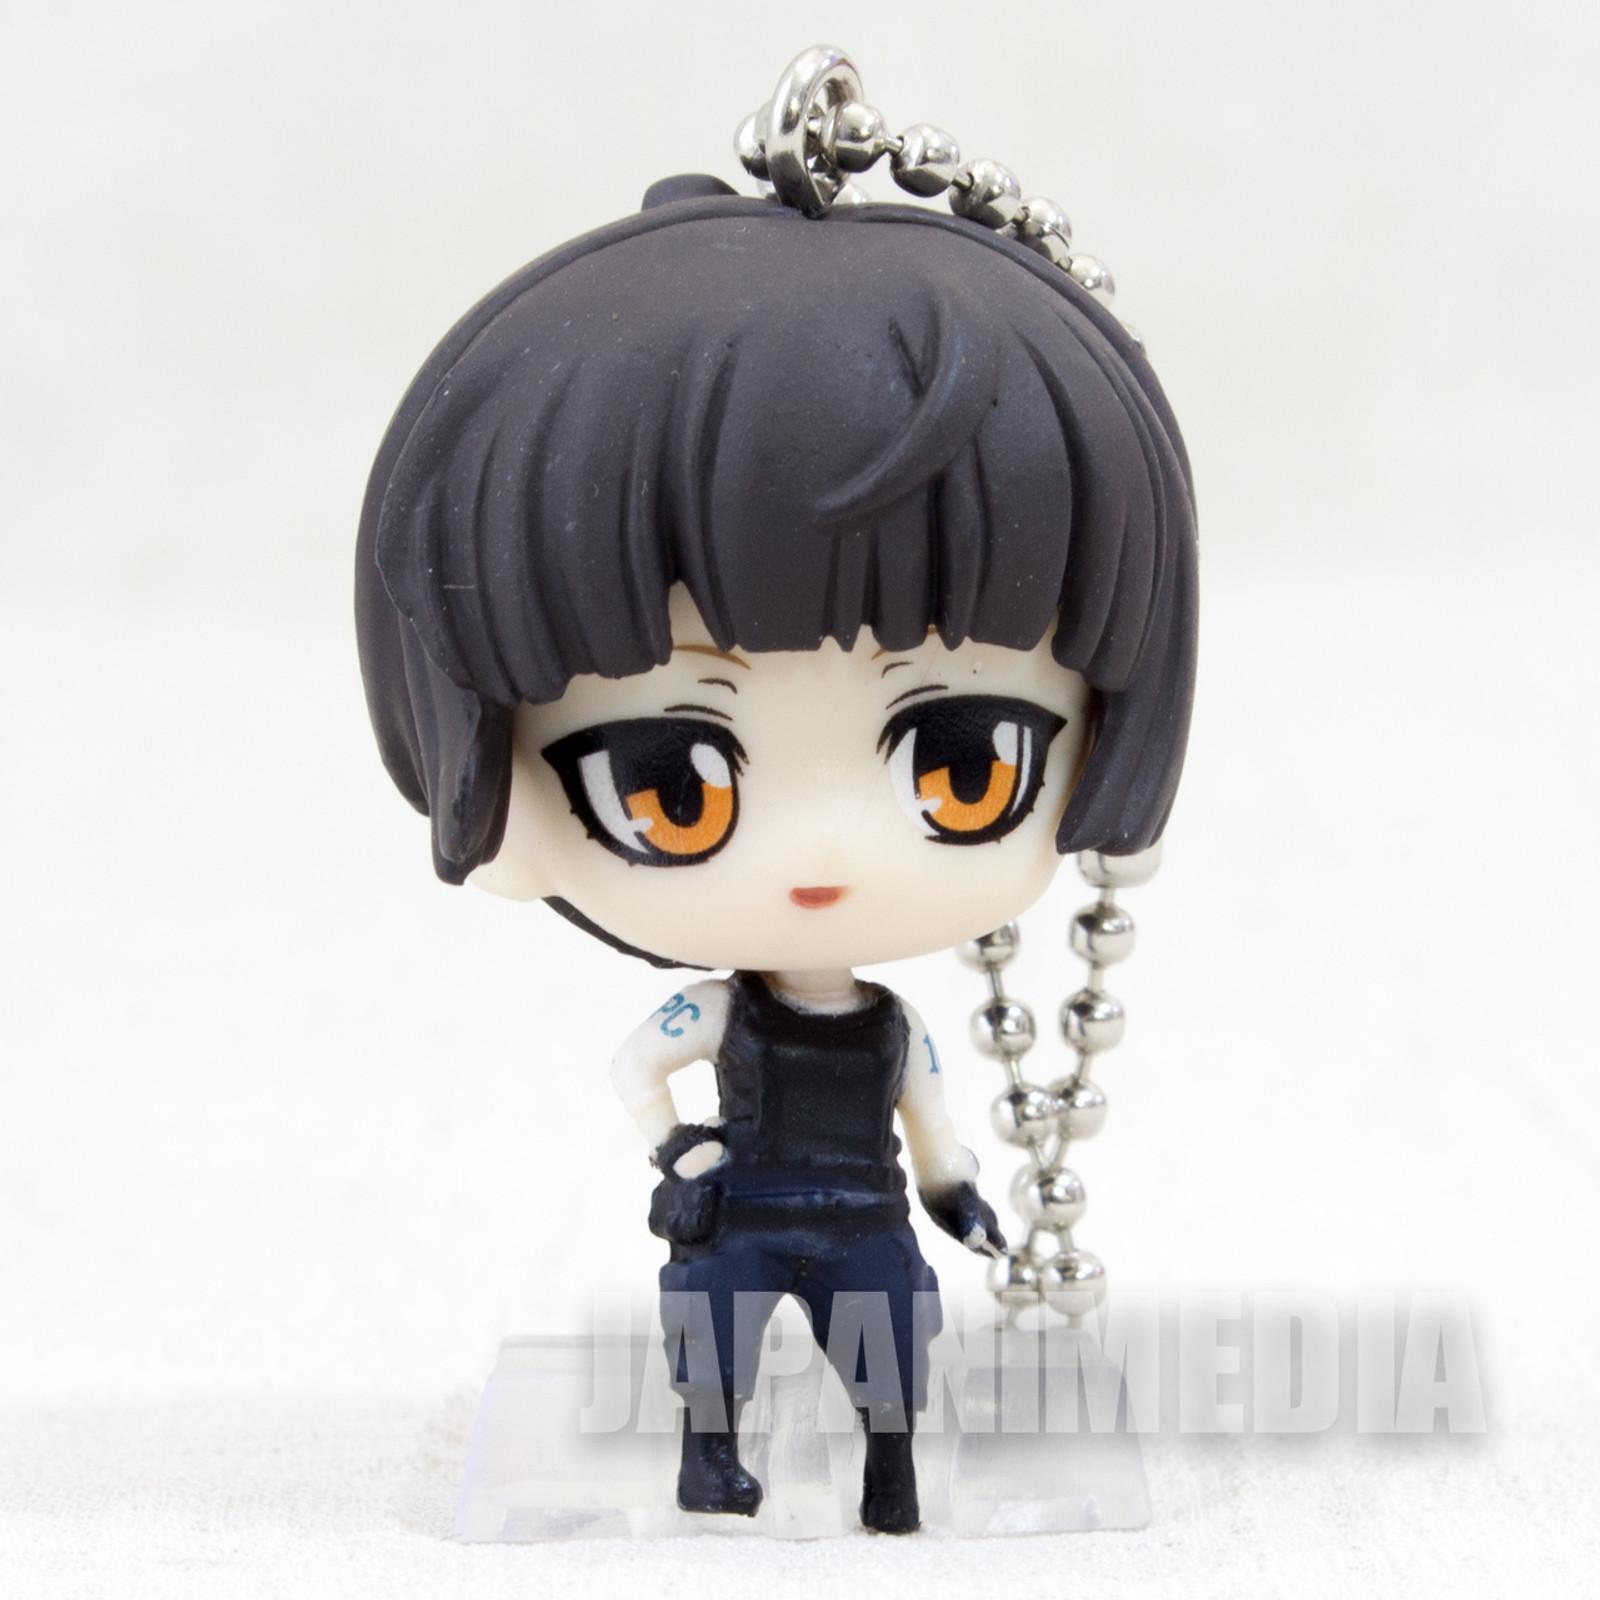 Psycho-Pass Akane Tsunemori Deformed Mini Figure Ball Keychain TAKARA TOMY JAPAN